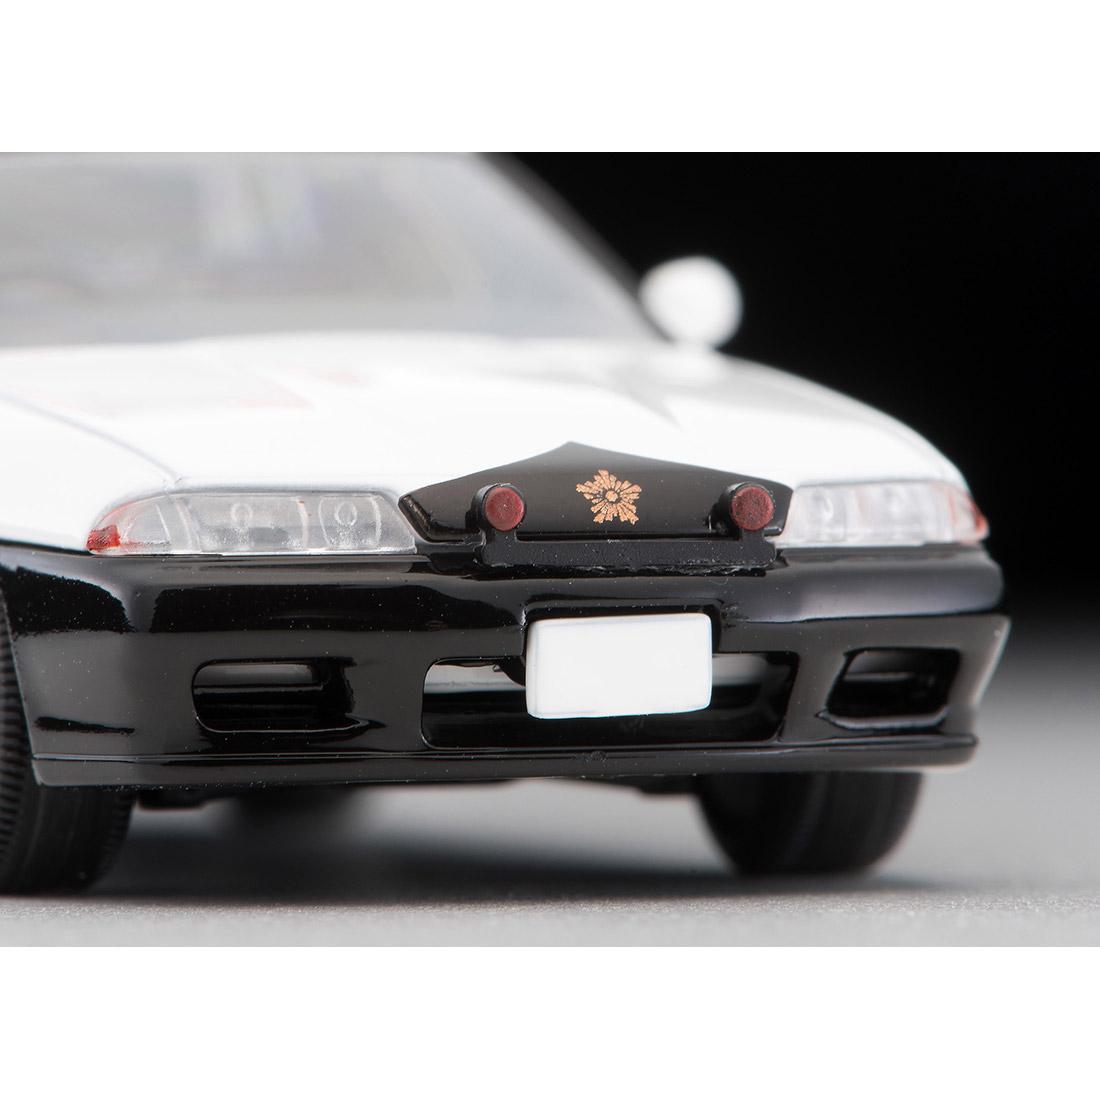 トミカリミテッド ヴィンテージ ネオ TLV-NEO『LV-N212a スカイラインパトロールカー』ミニカー-006